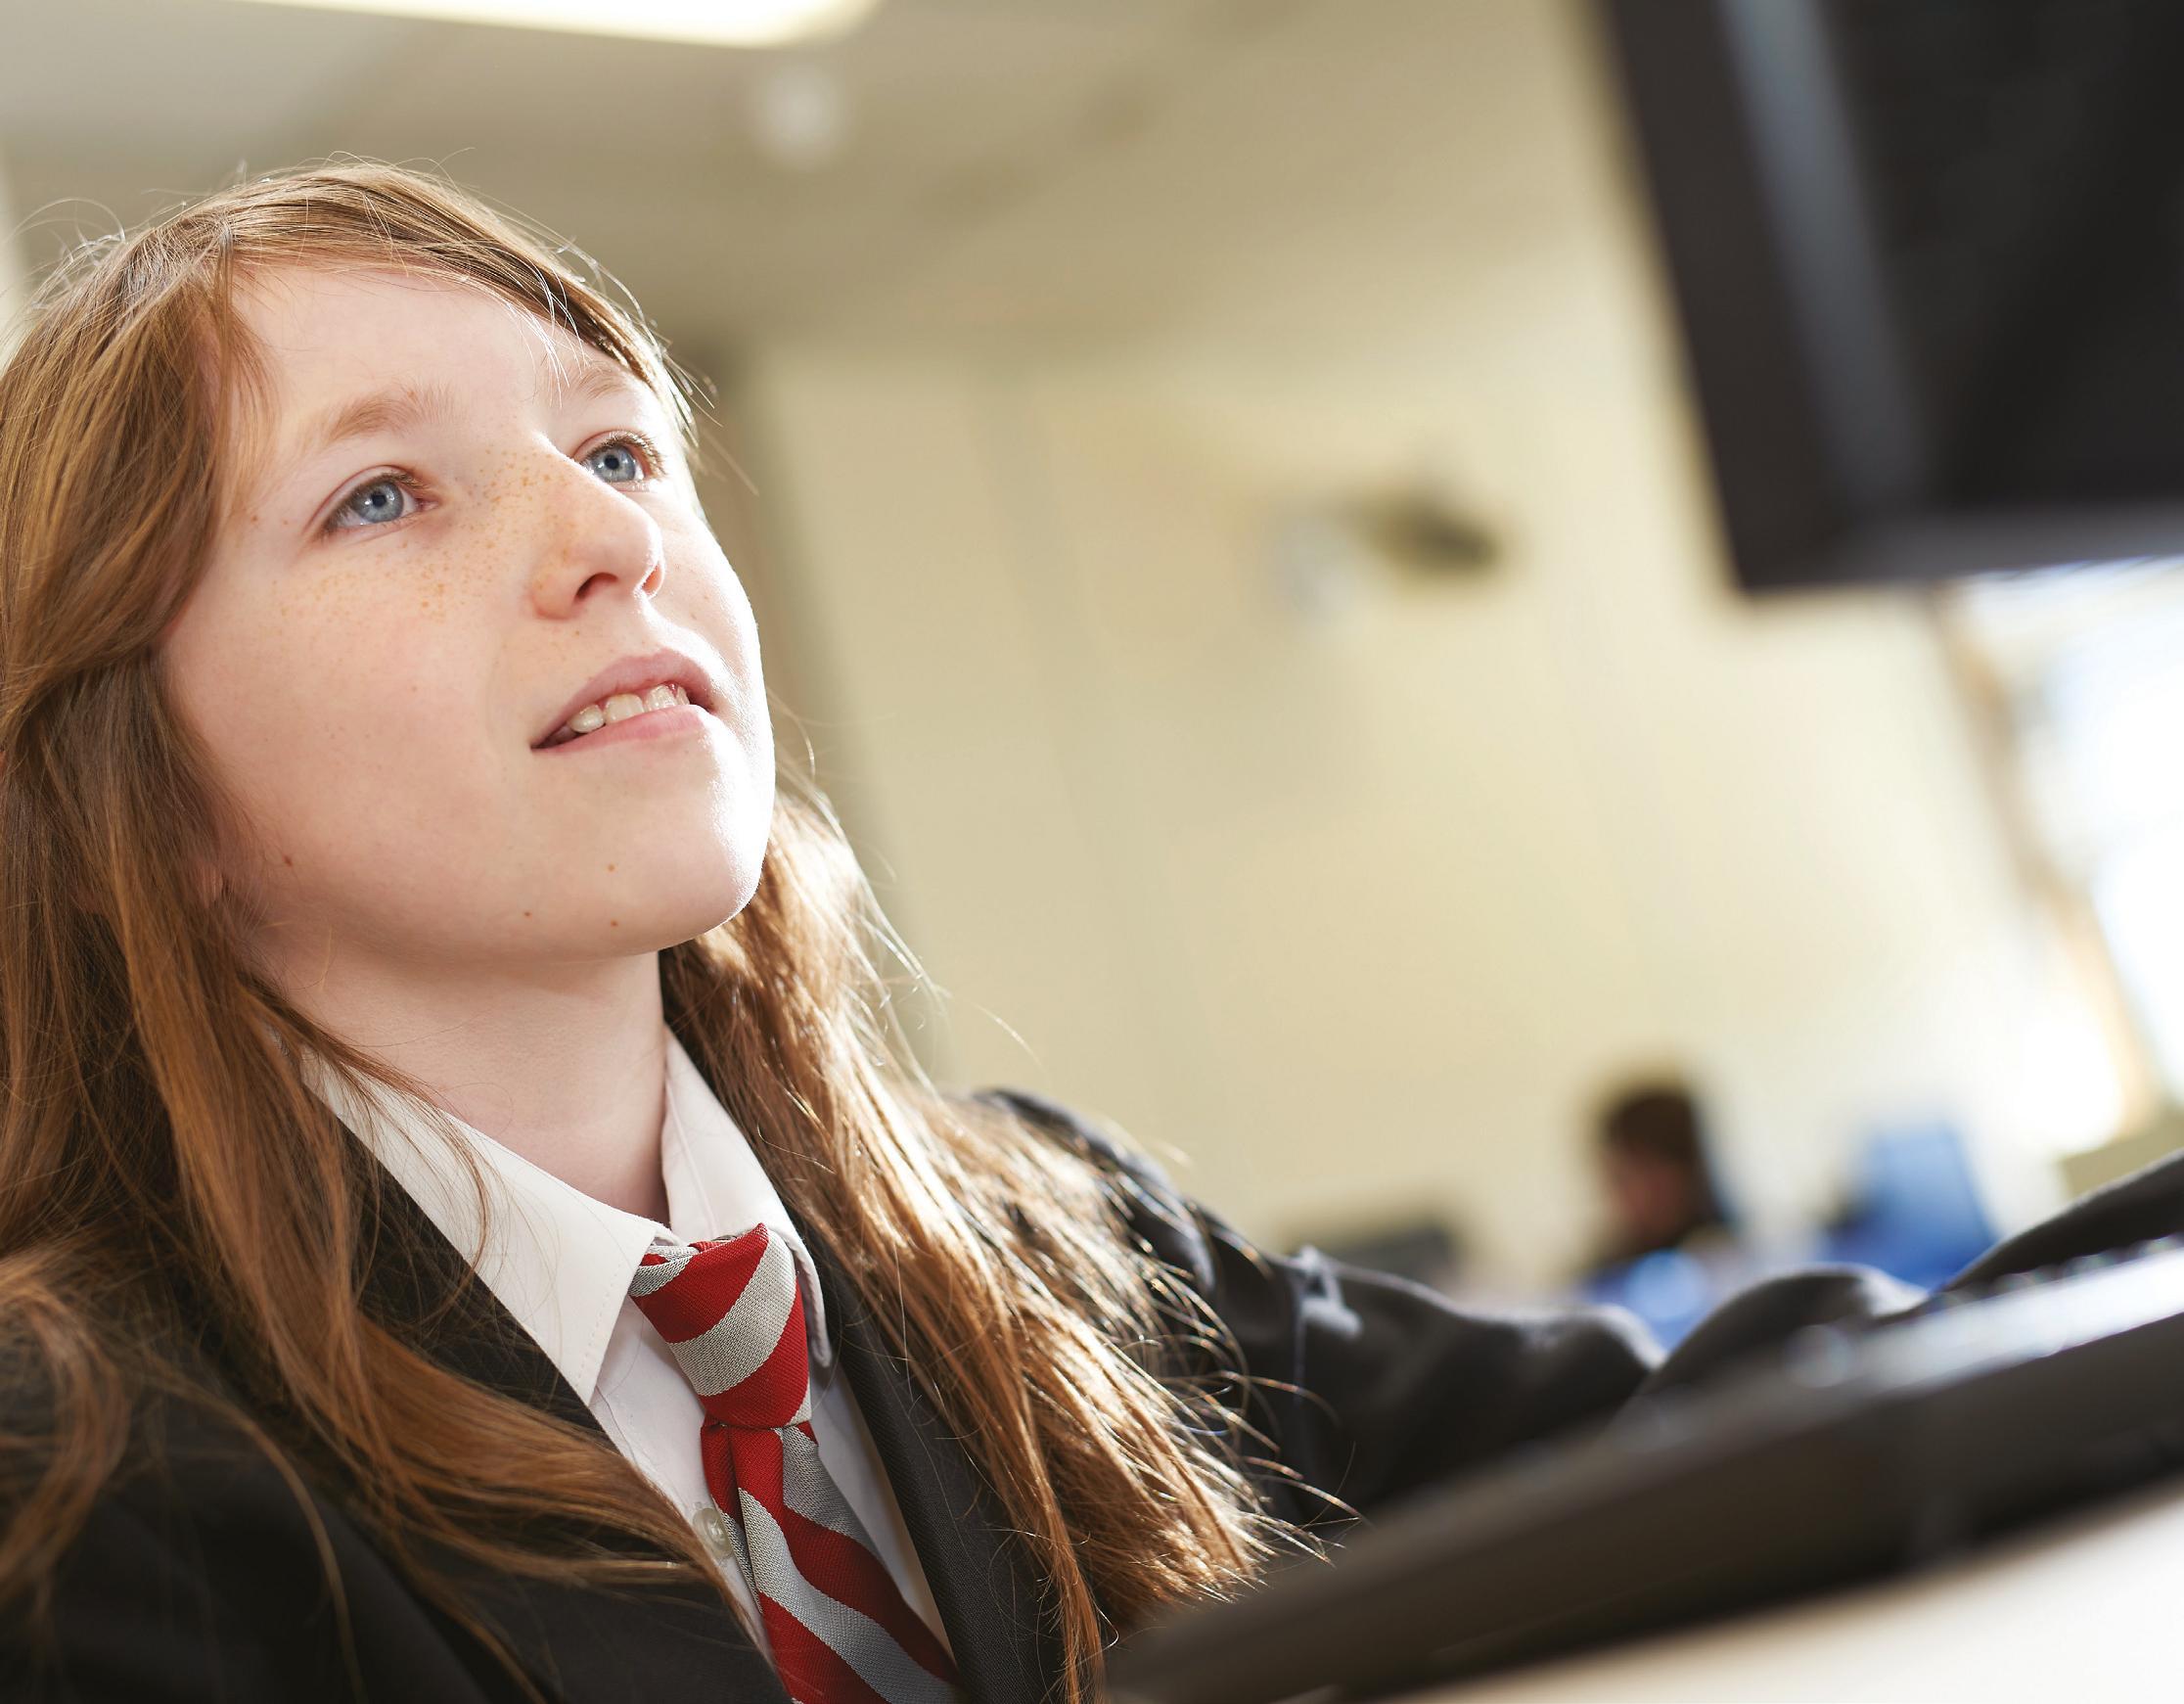 Ks3 Spreadsheet Worksheets Intended For Lesson Plan: Ks3 Computing – Spreadsheets  Ict  Teach Secondary